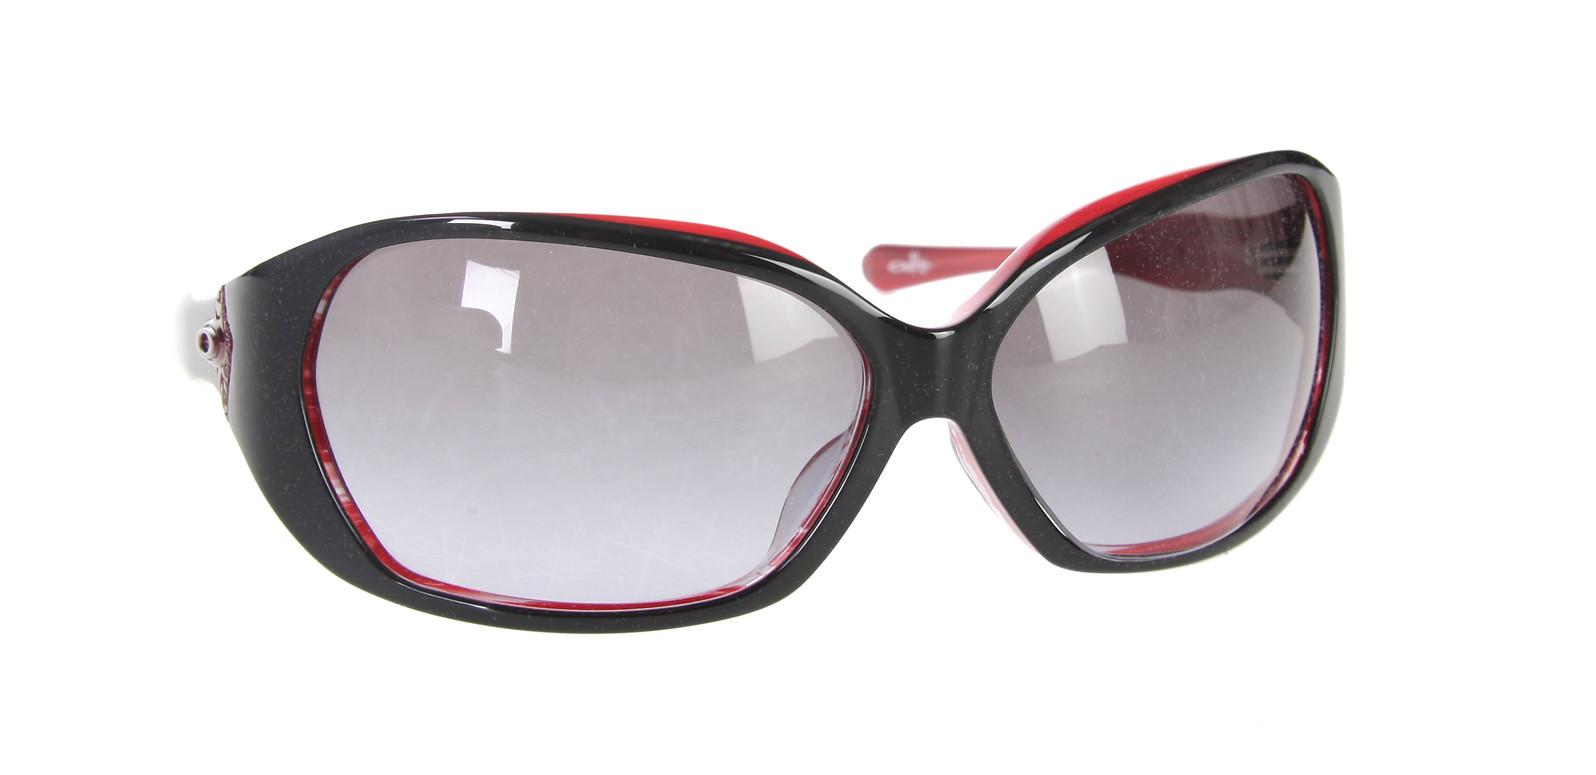 Oakley Betray Sunglasses Black Red/Blk Grey Grad Lens  oakley-betray-sngls-redblkgrad-09.jpg